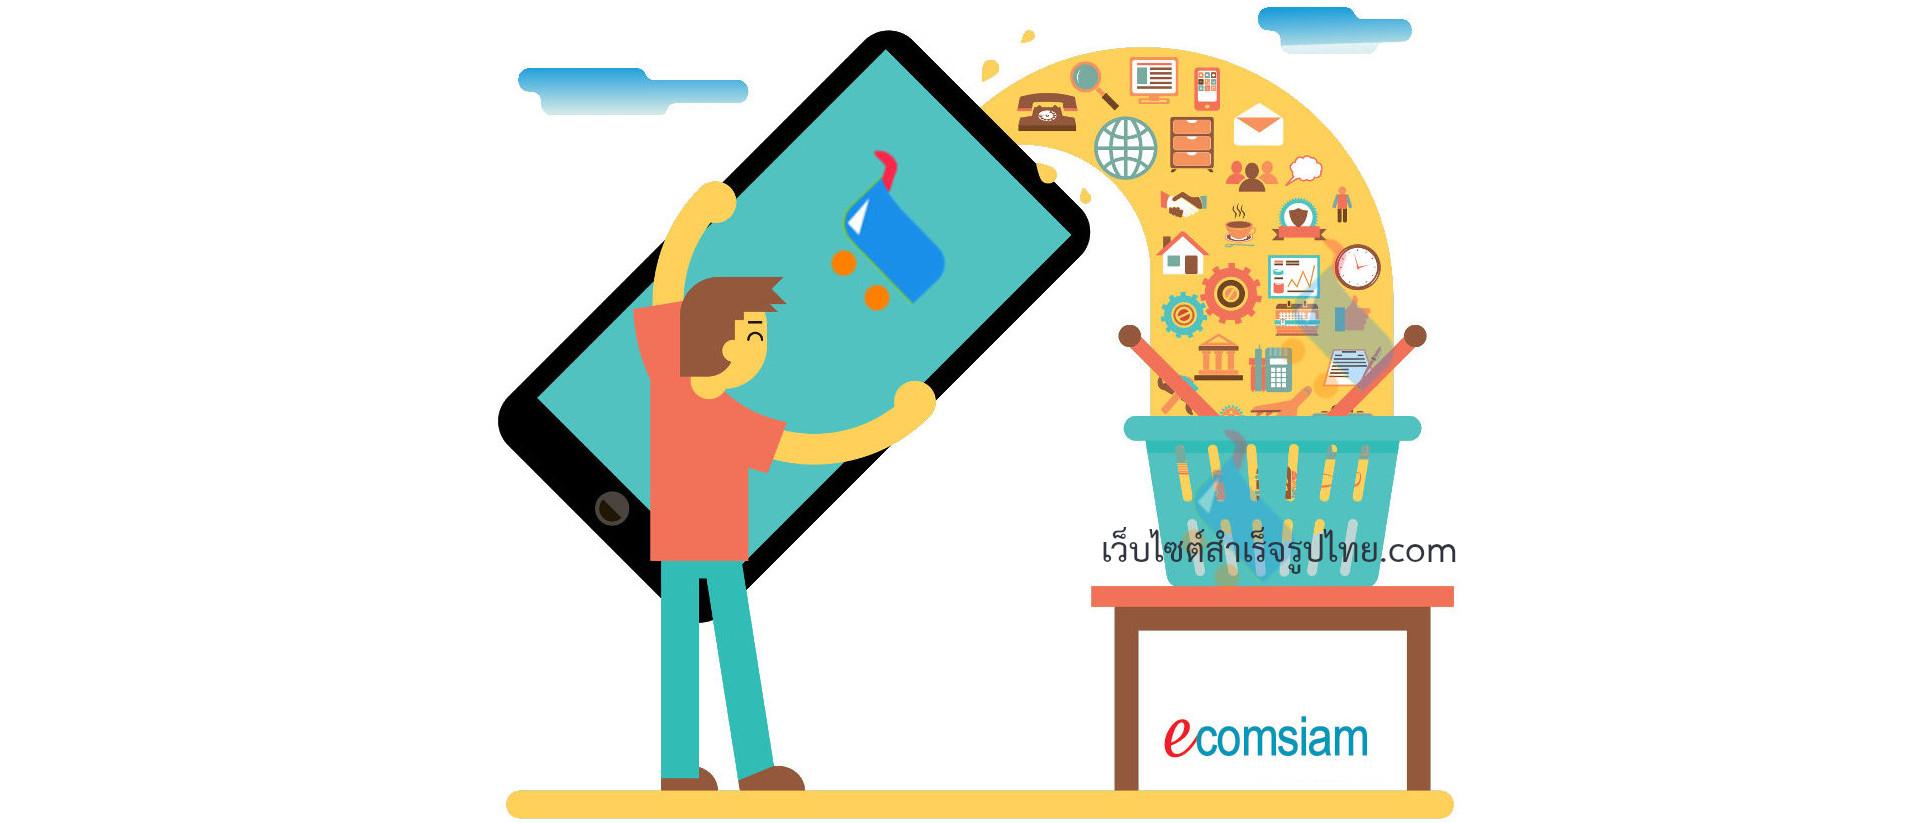 เริ่มต้นเปิดร้านออนไลน์ เว็บขายสินค้าออนไลน์ เว็บขายของ ได้ทันที! ระบบจัดการร้านค้าที่ทรงประสิทธิภาพมากมาย ที่ช่วยให้คุณออกแบบหน้าร้านขายออนไลน์ ด้วยเทมเพลต สีธีม เมนูเว็บไซต์และอื่นๆ อีกมากมาย